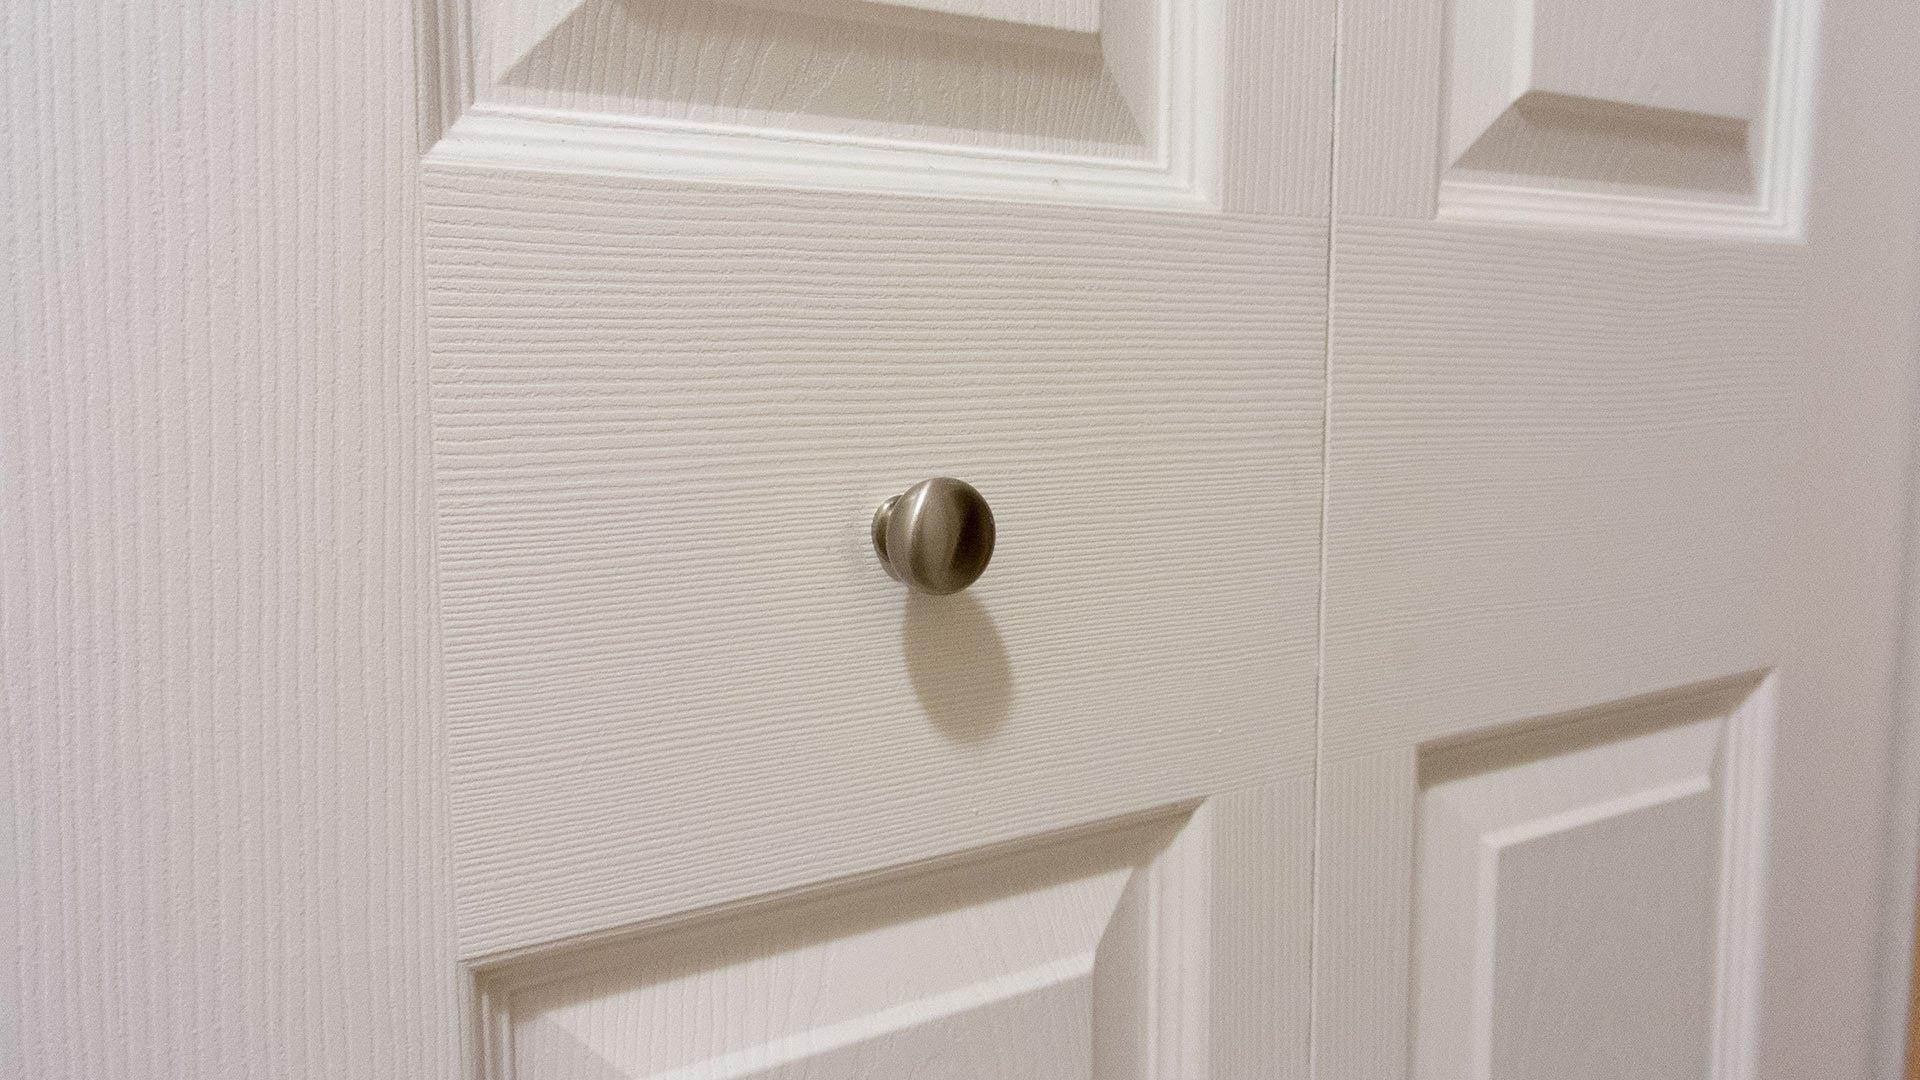 bifold door knob placement photo - 8